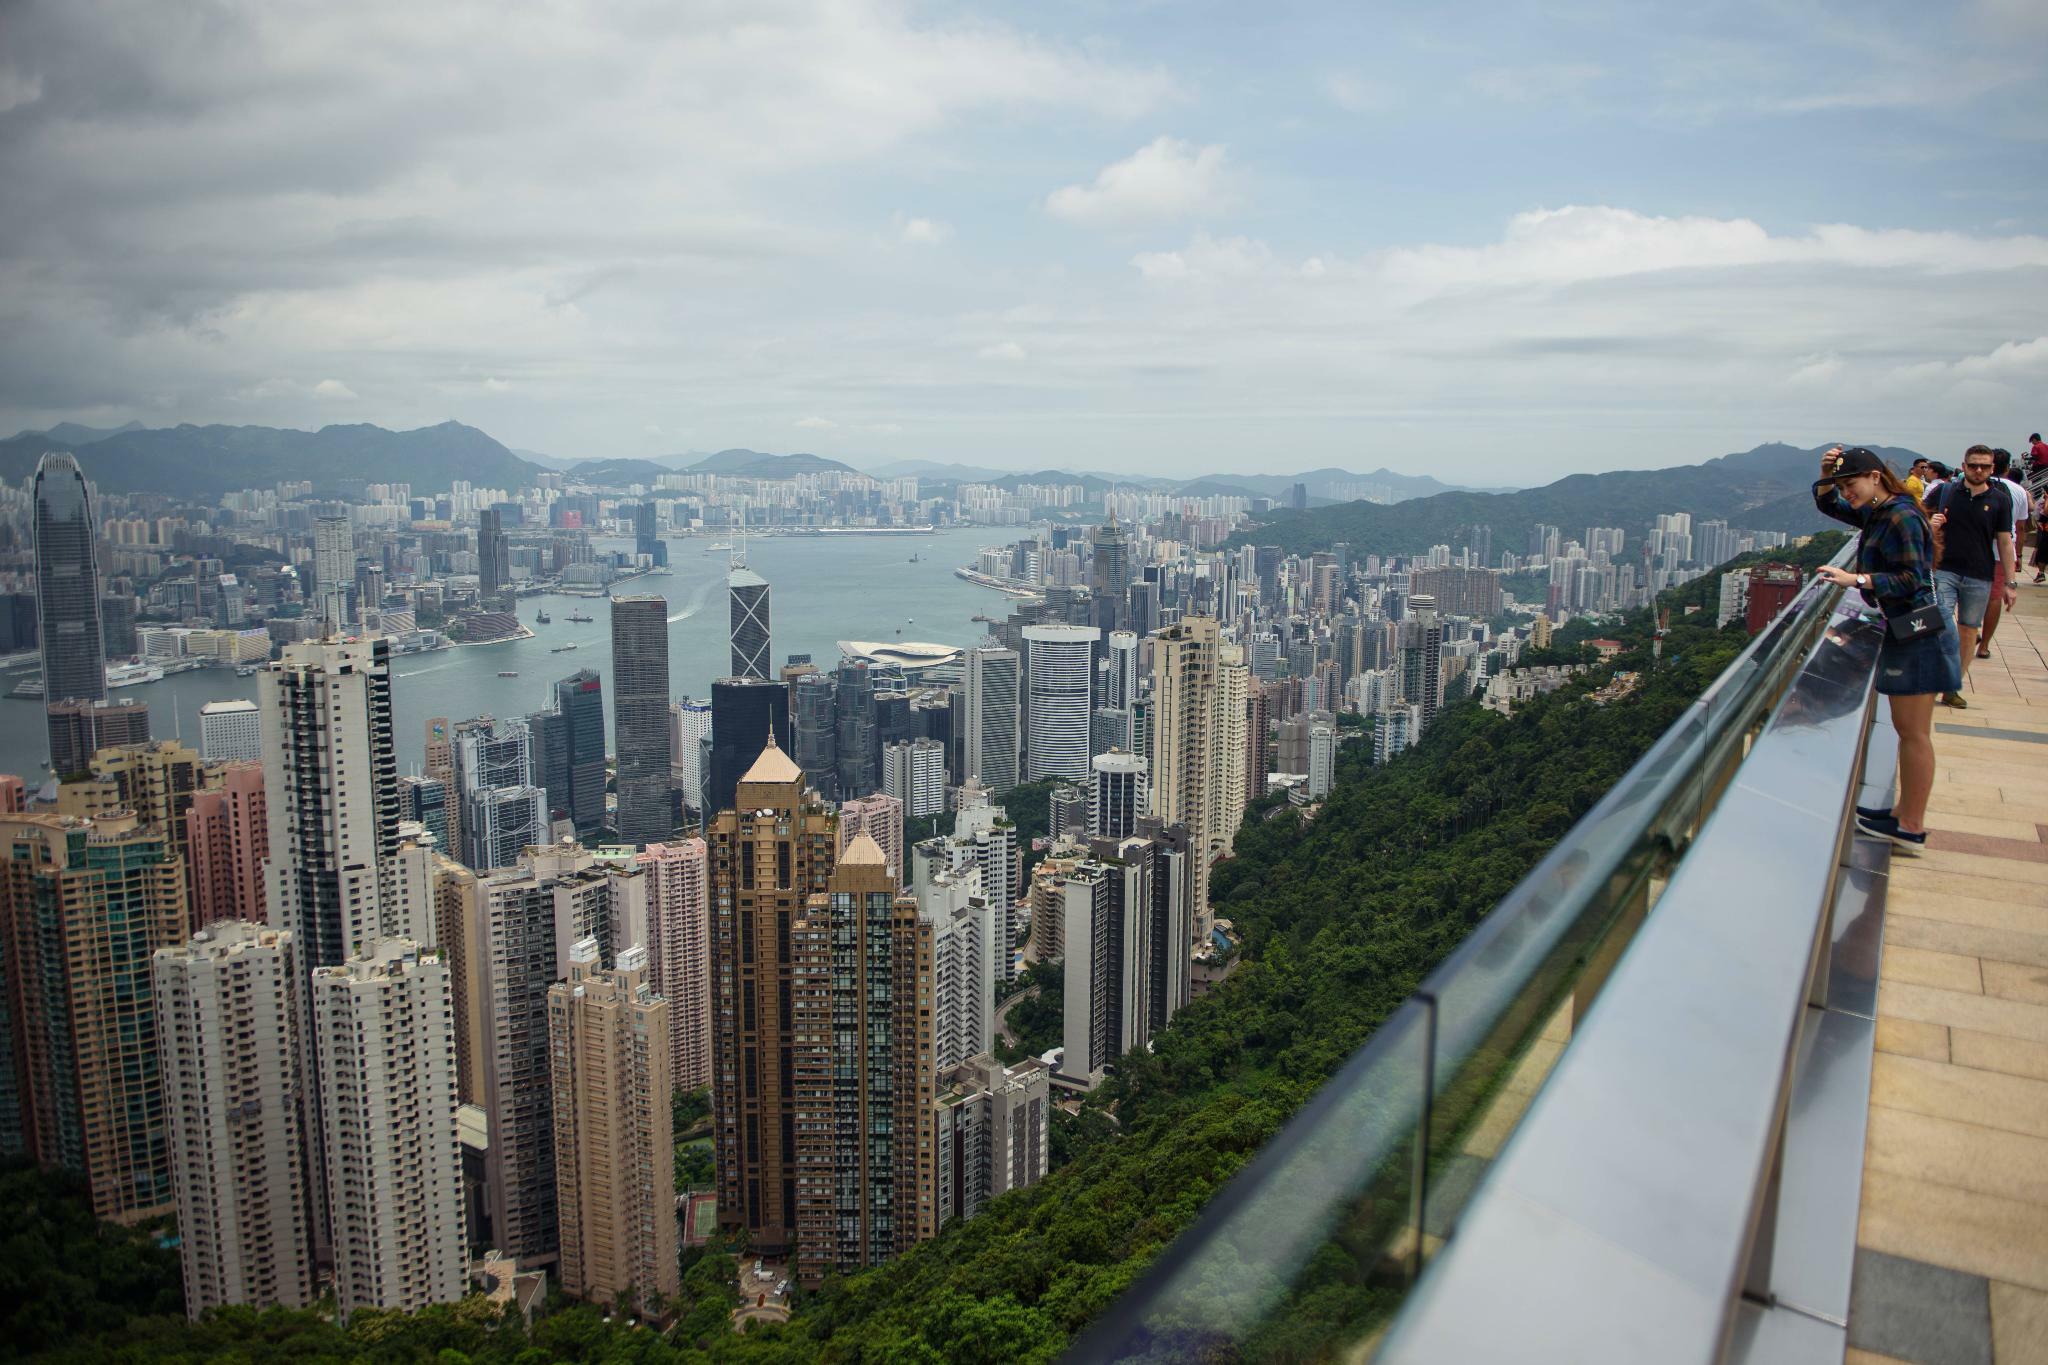 Hongkong verliert seine Bedeutung als Finanzplatz